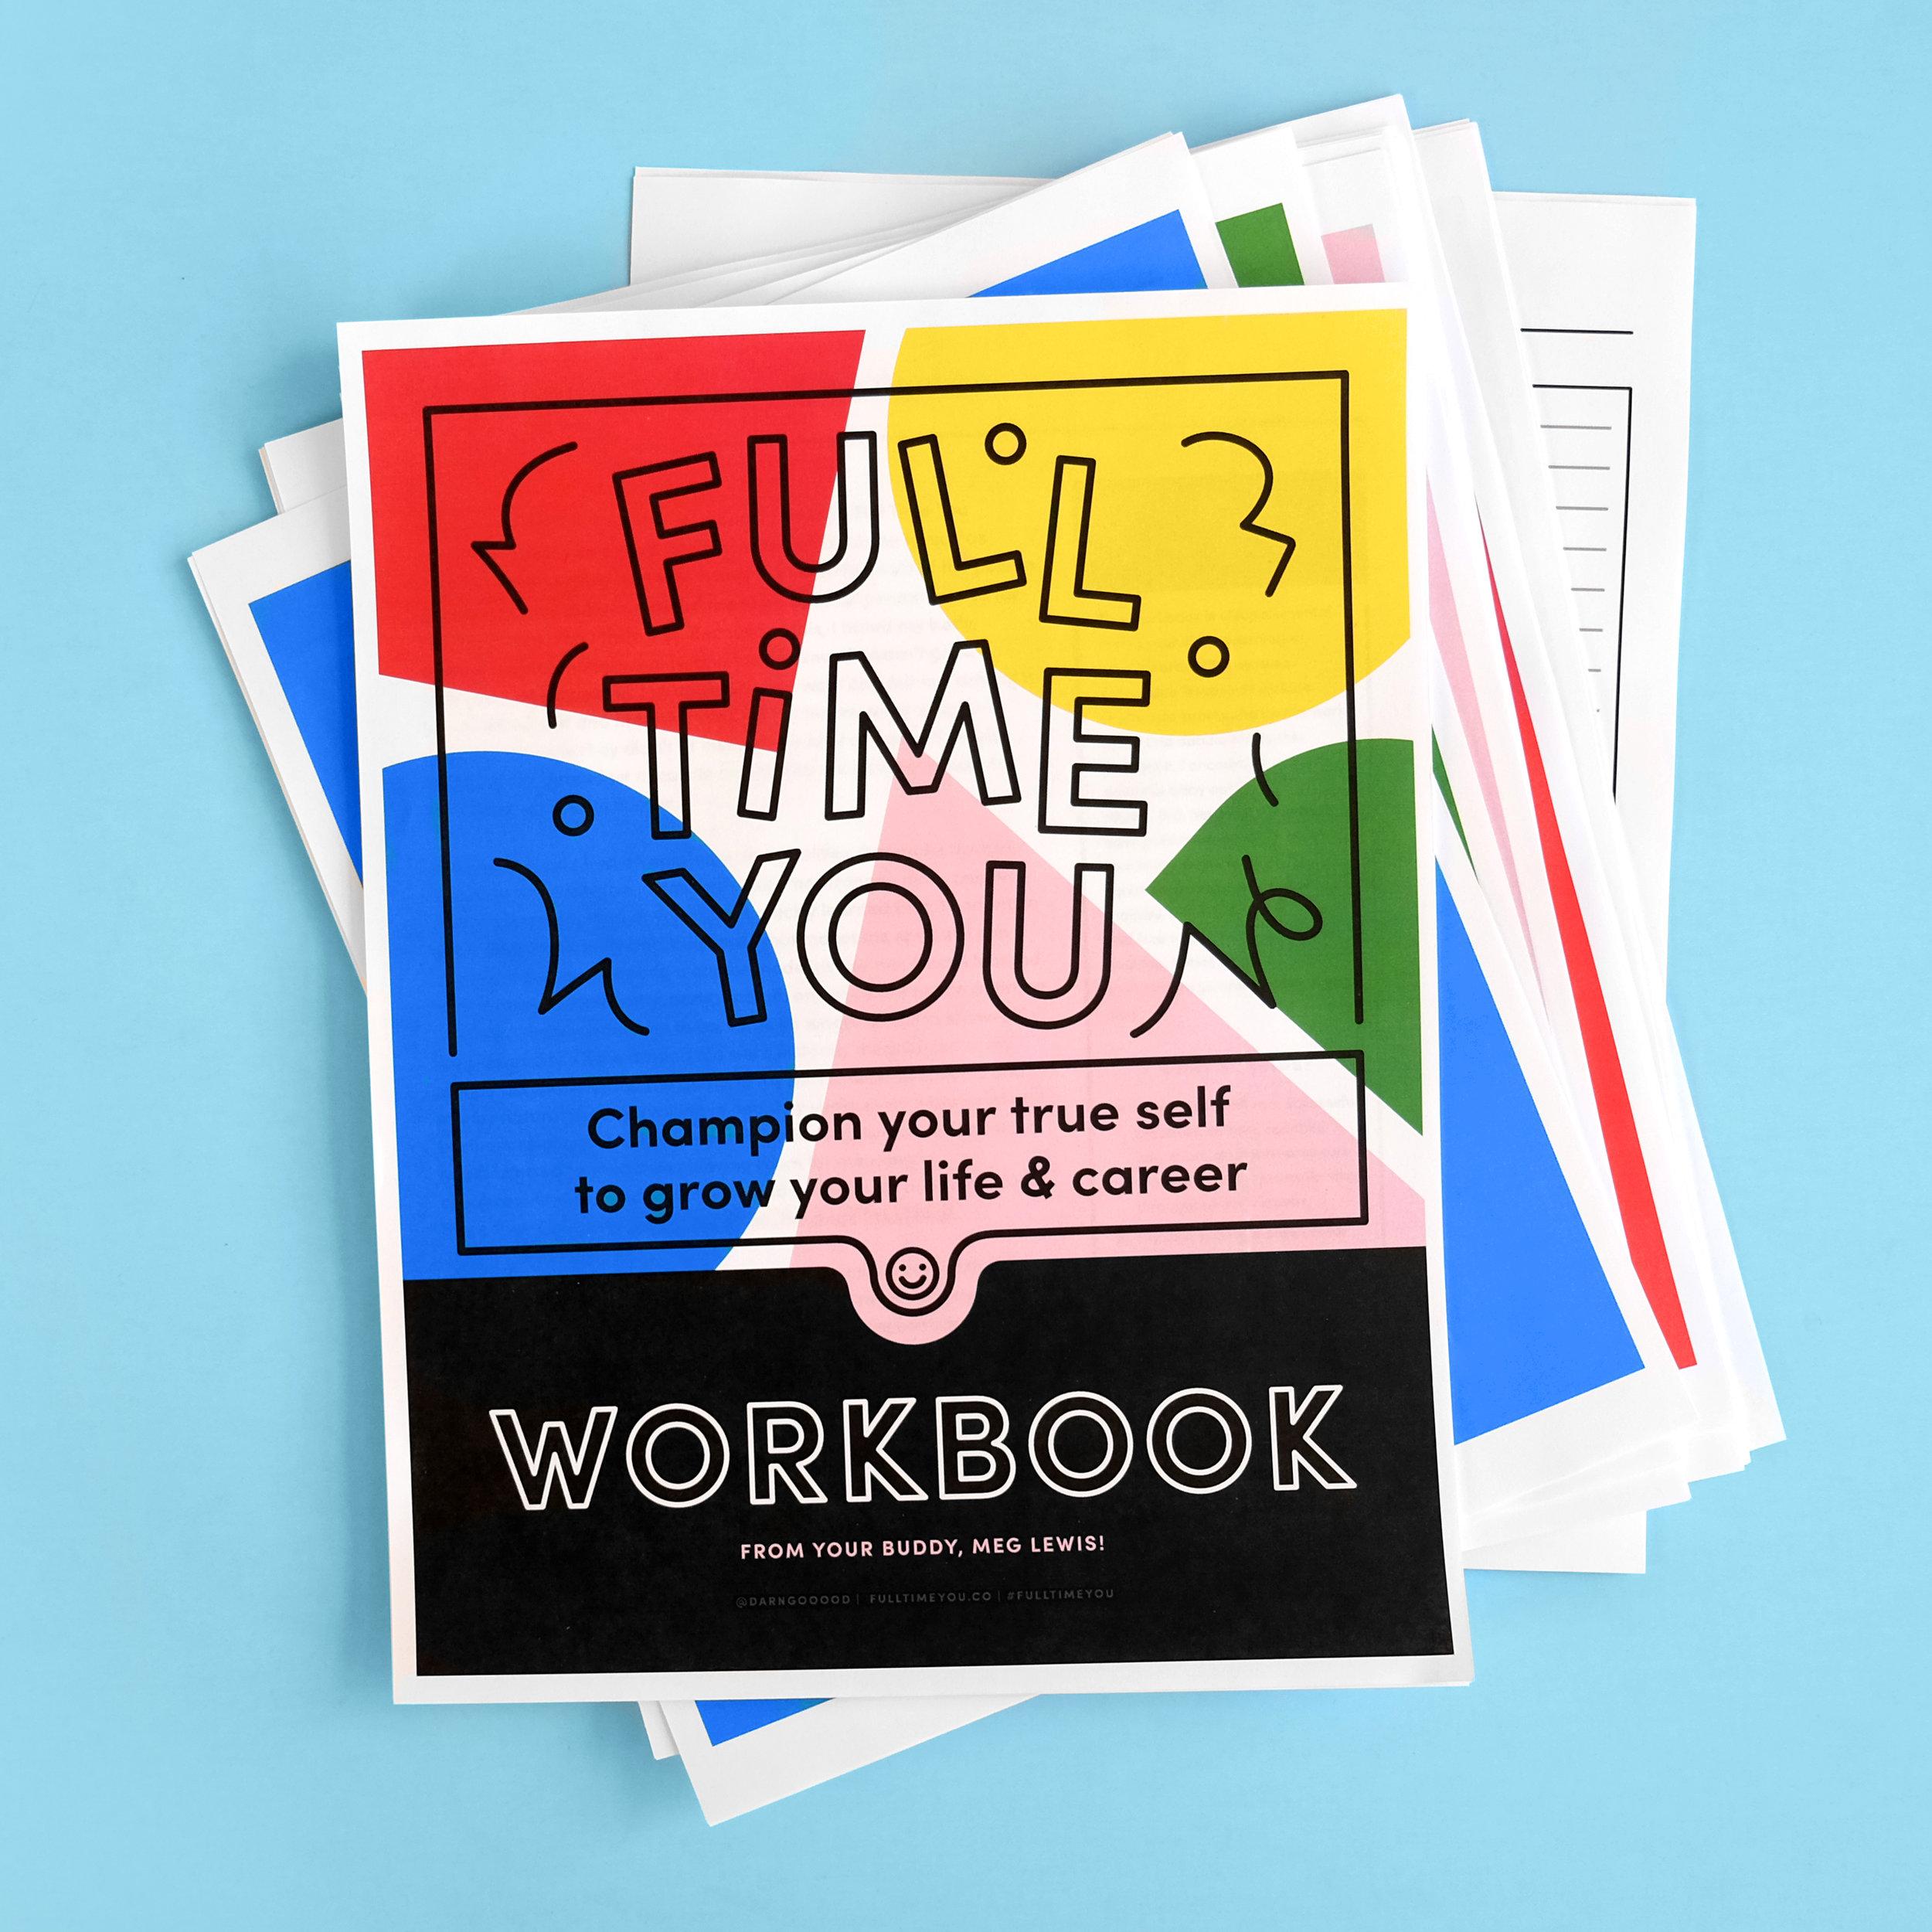 Workbook-Social.jpg